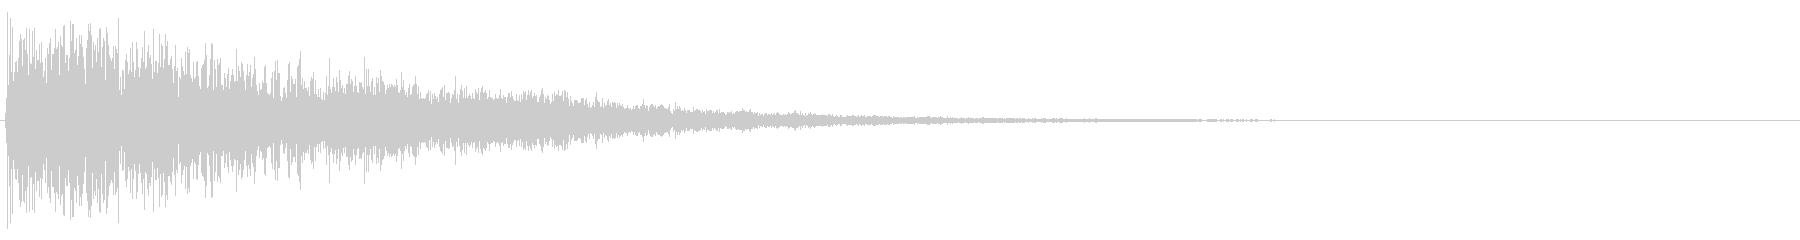 暗い雰囲気で、迫力のあるロゴ用の効果音…の未再生の波形